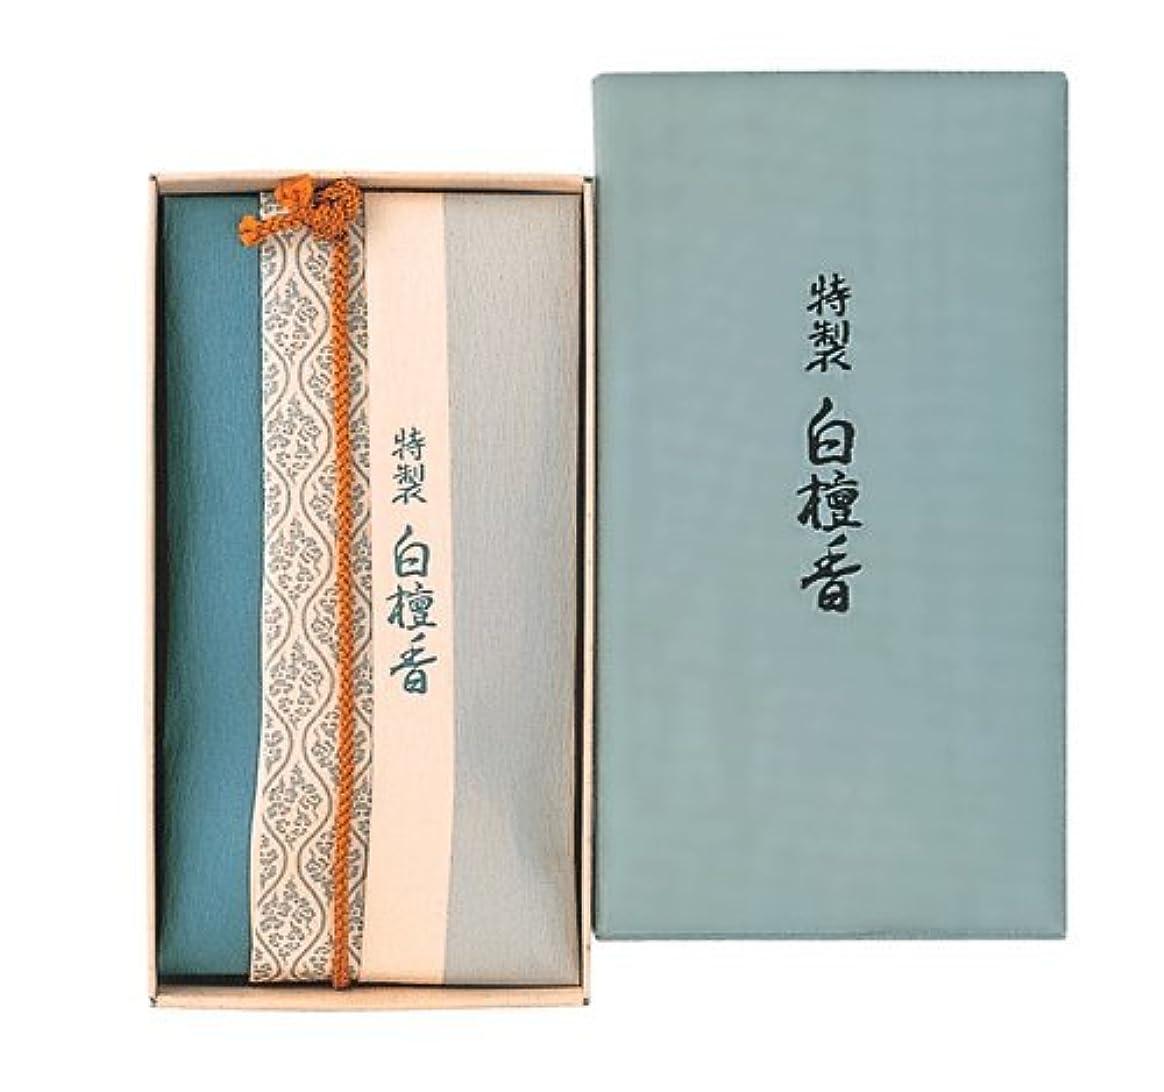 ヒップ金属インレイ香木の香りのお香 特製白檀香 コーン24個入【お香】